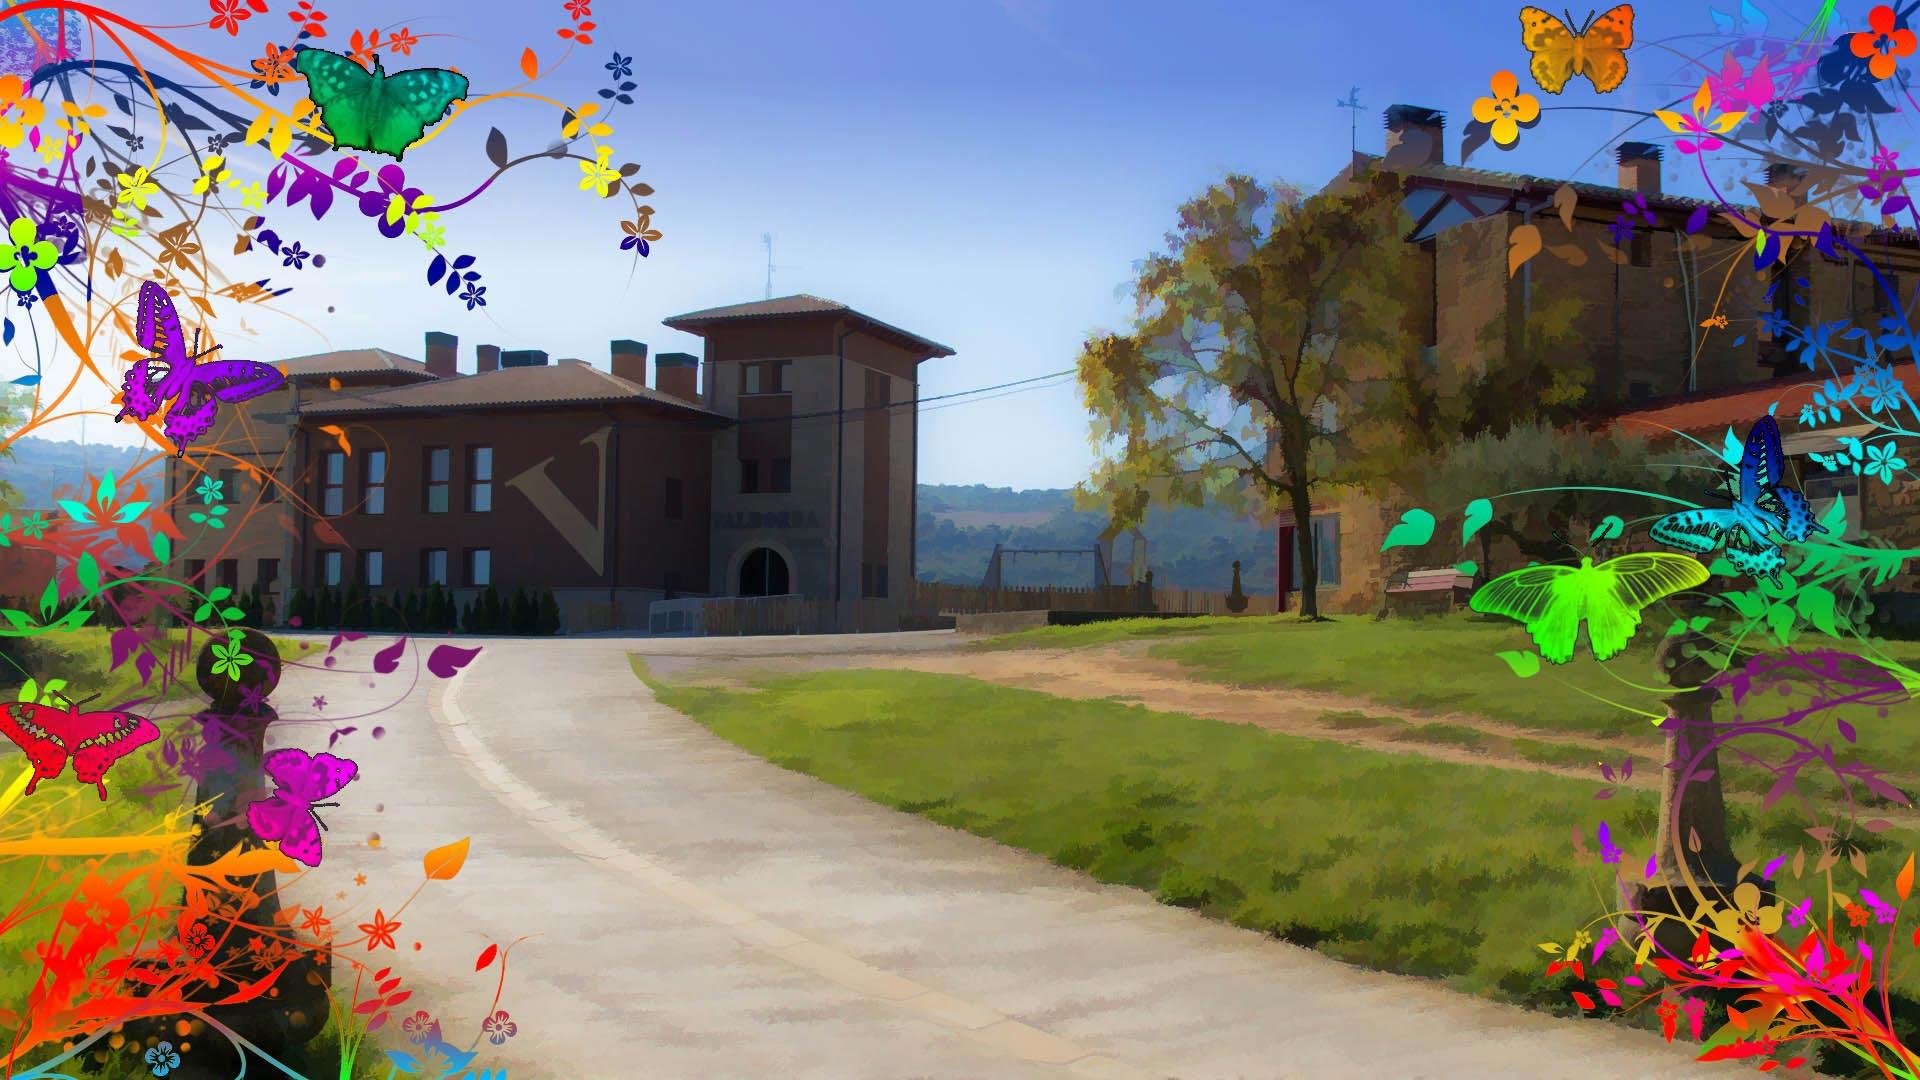 Entrada-Hotel-rural-Valdorba-en-Navarra-2014-1920x1080-para-Revolution1